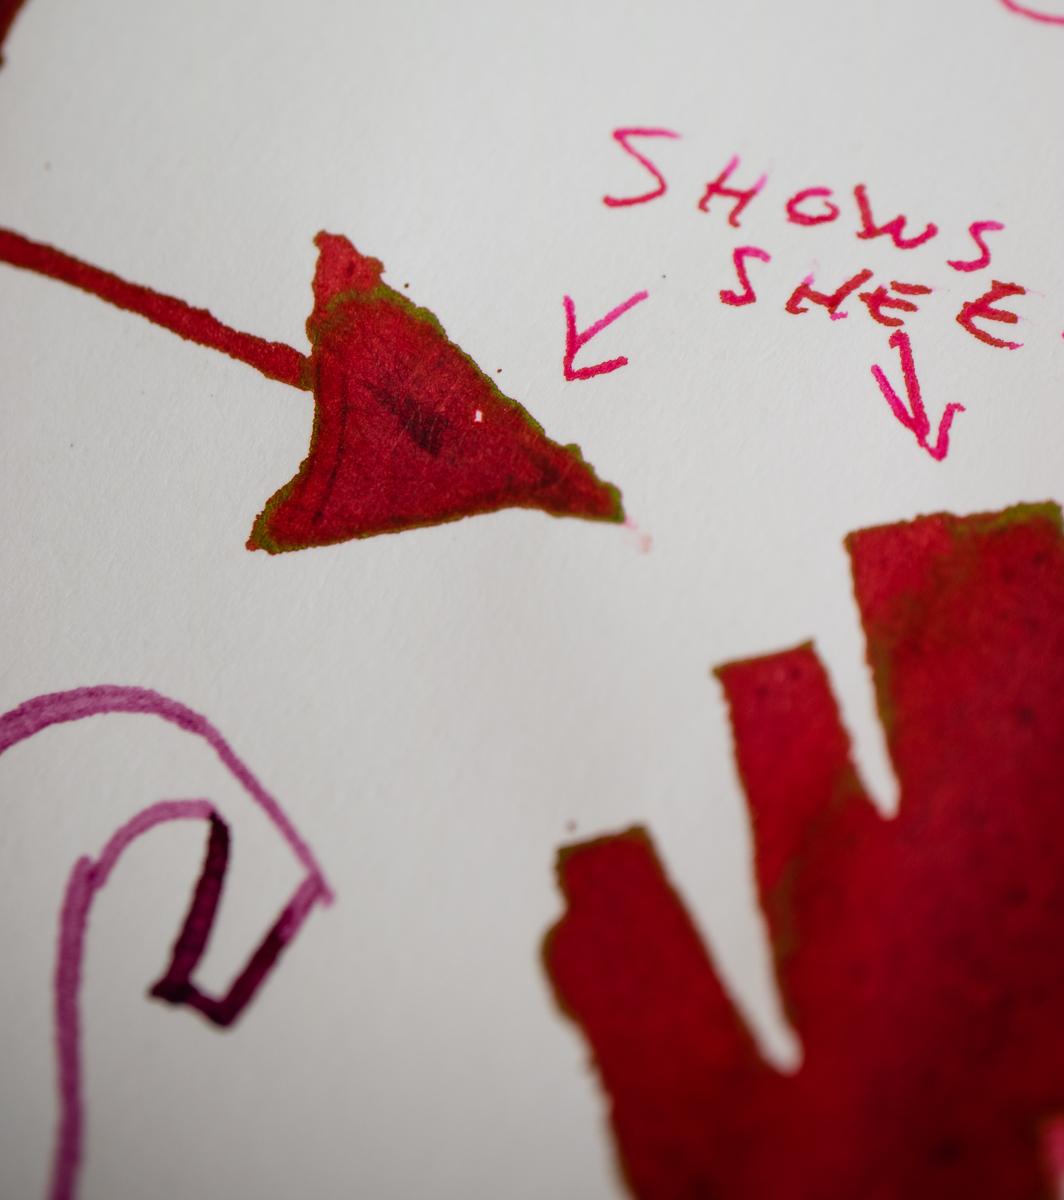 Life Typewriting paper writing test close-up